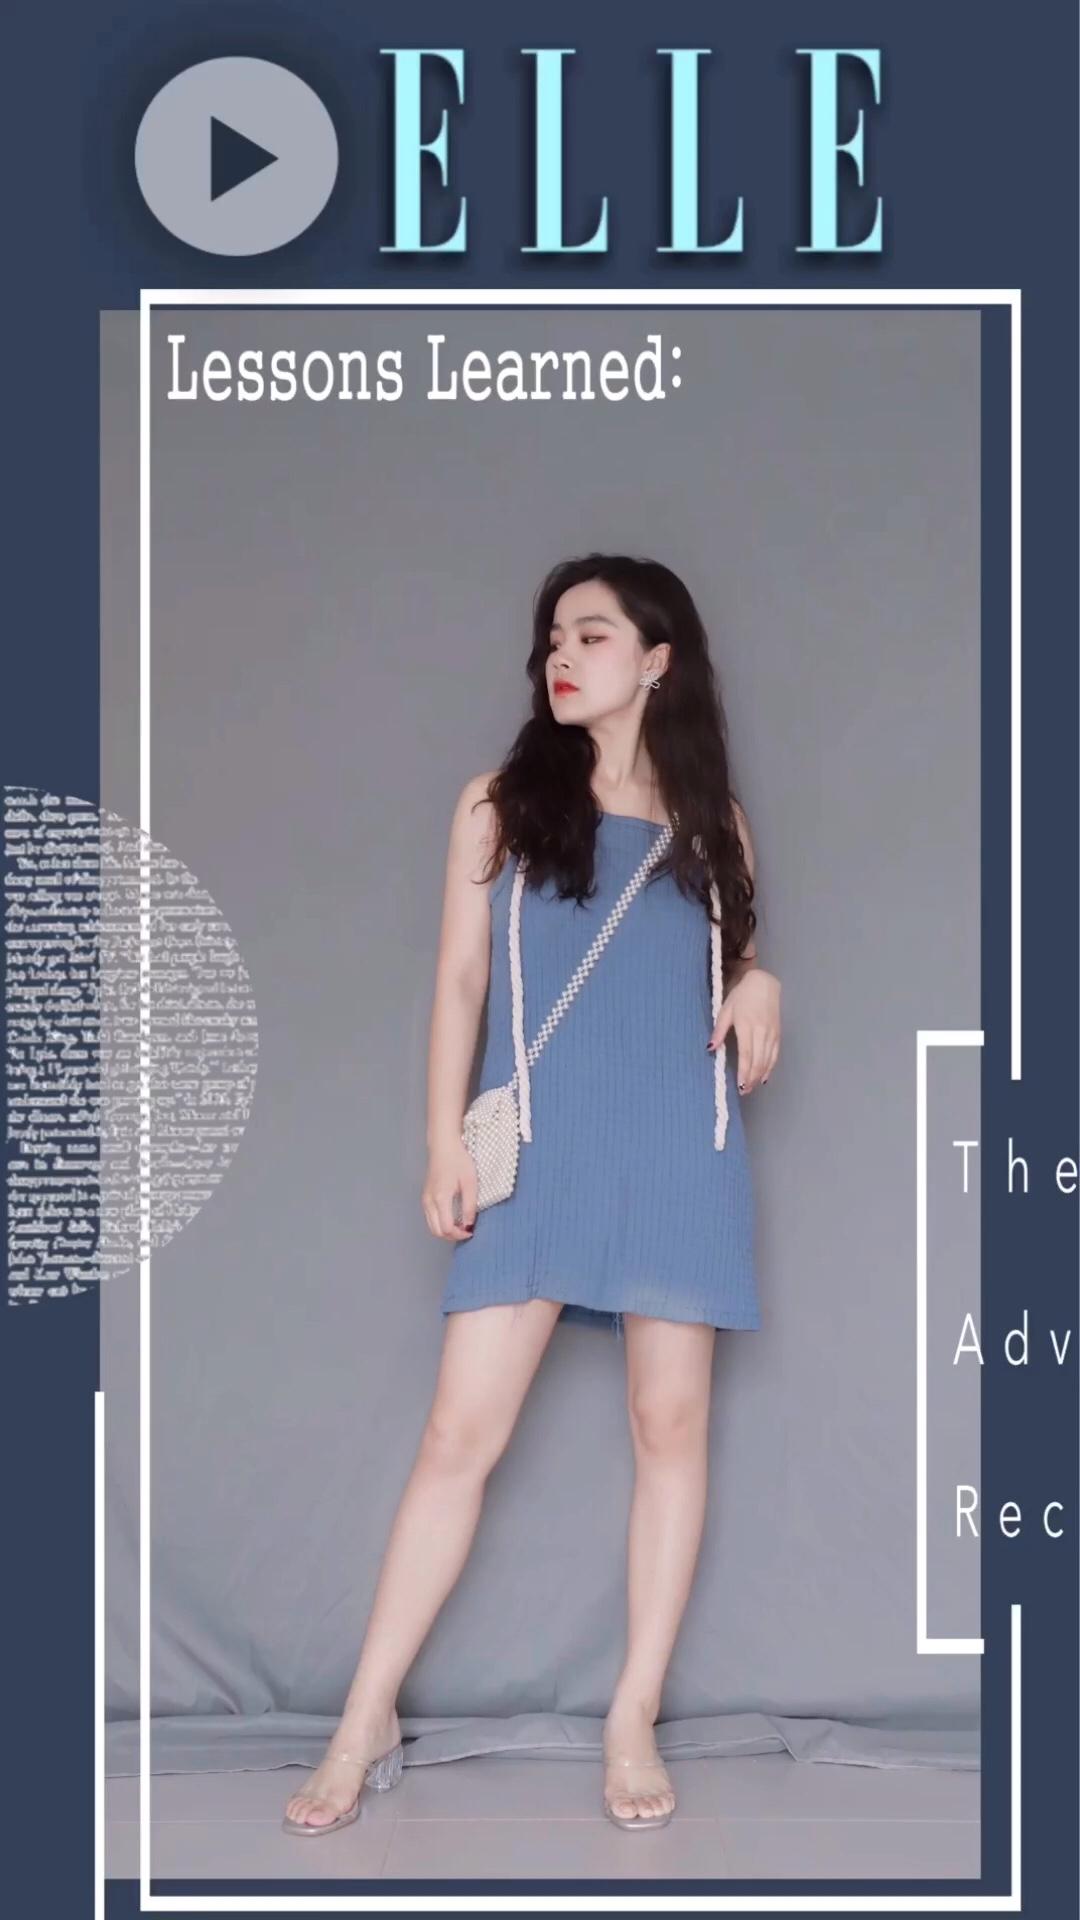 吊带蓝色连衣裙搭配斜挎珍珠包包 甜美少女风十足#微胖界,高段位显瘦这么穿!#